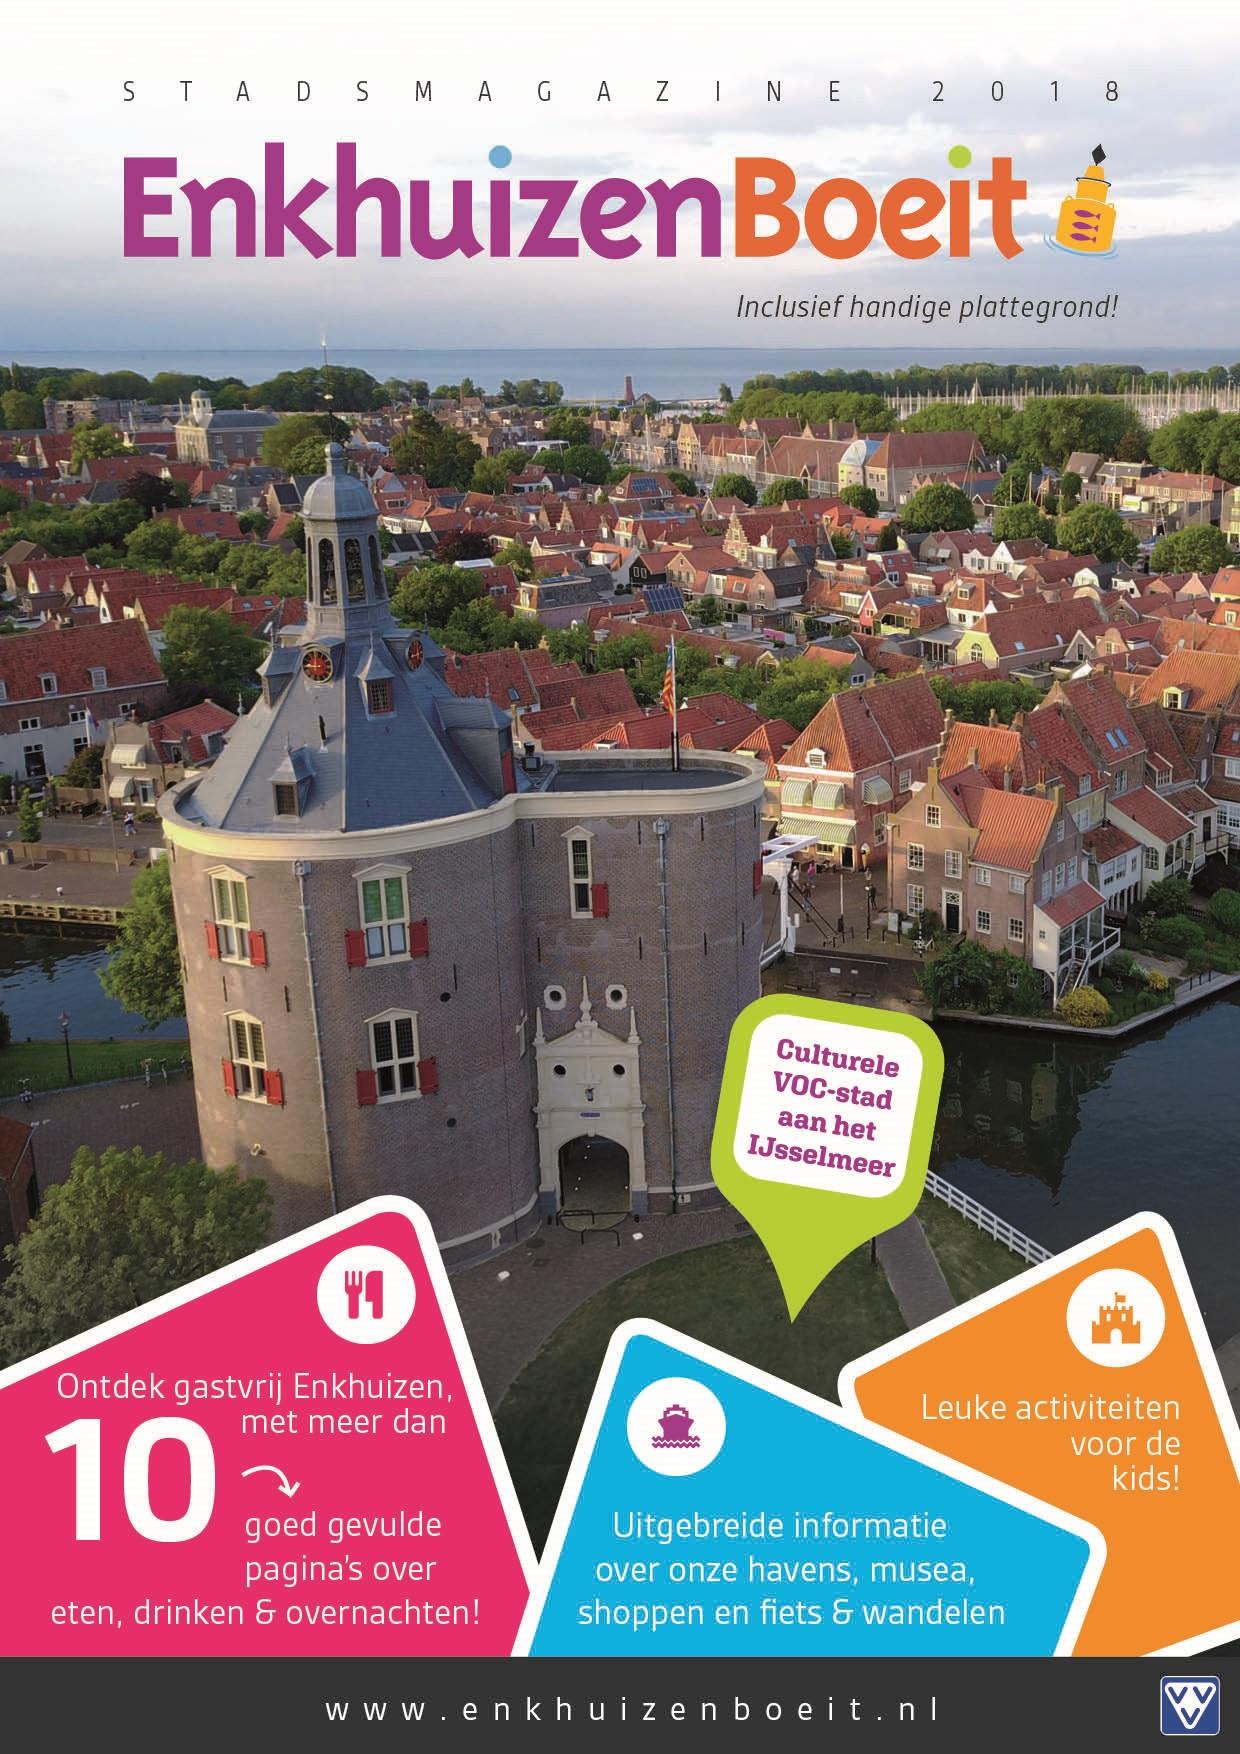 De cover van Enkhuizen Boeit 2018. (Foto: aangeleverd)